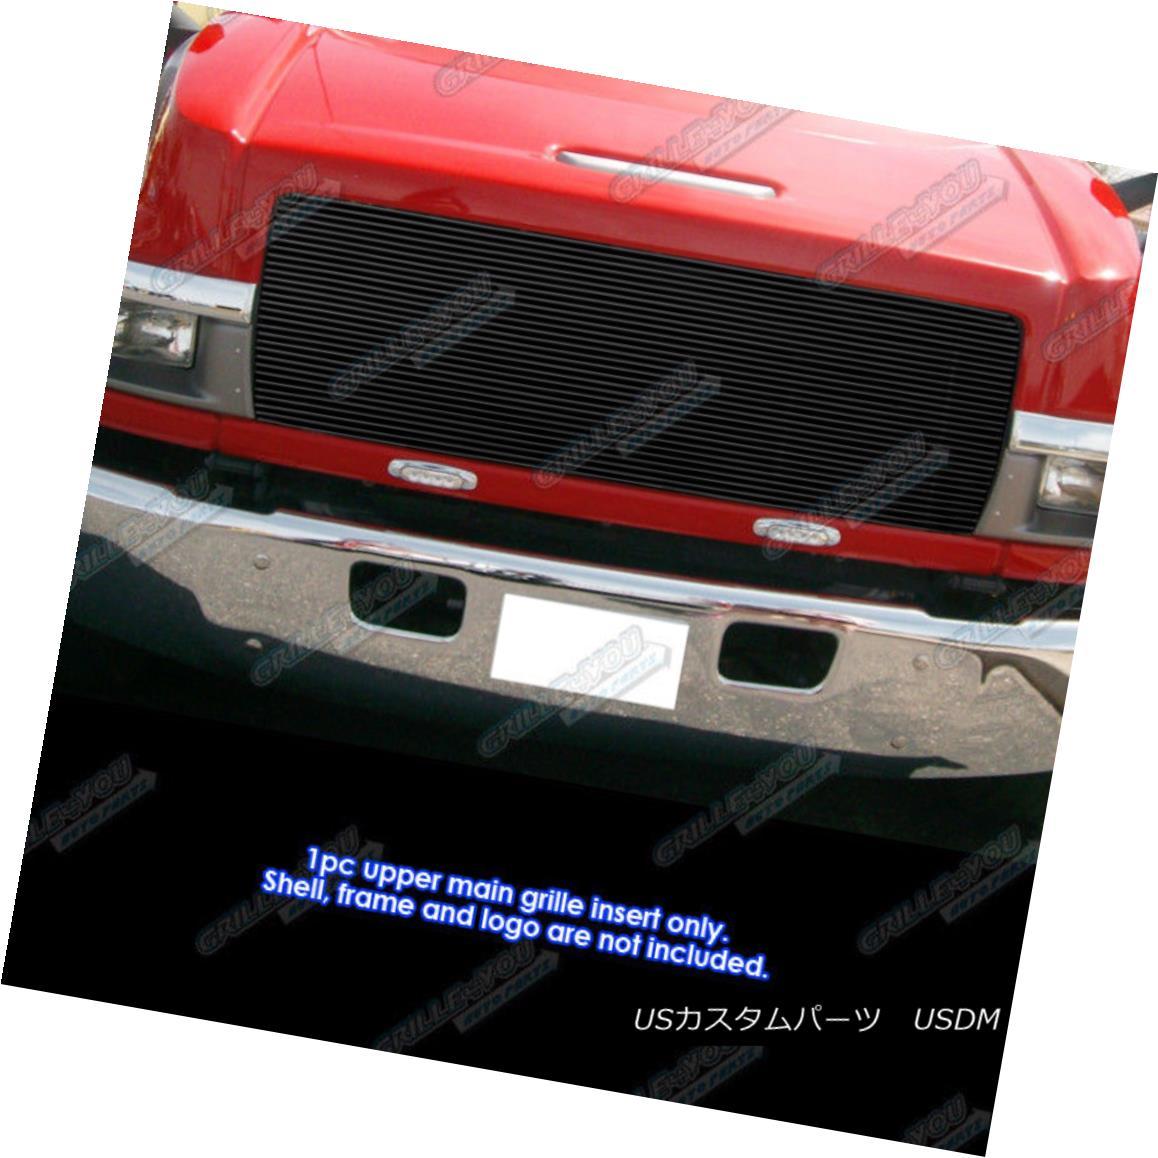 グリル For 2003-2009 Chevy Kodiak C4500/C5500/C6500 Black Billet Grille Insert 2003-2009 Chevy Kodiak C4500 / C5500 / C6用 500 Black Billet Grille Insert